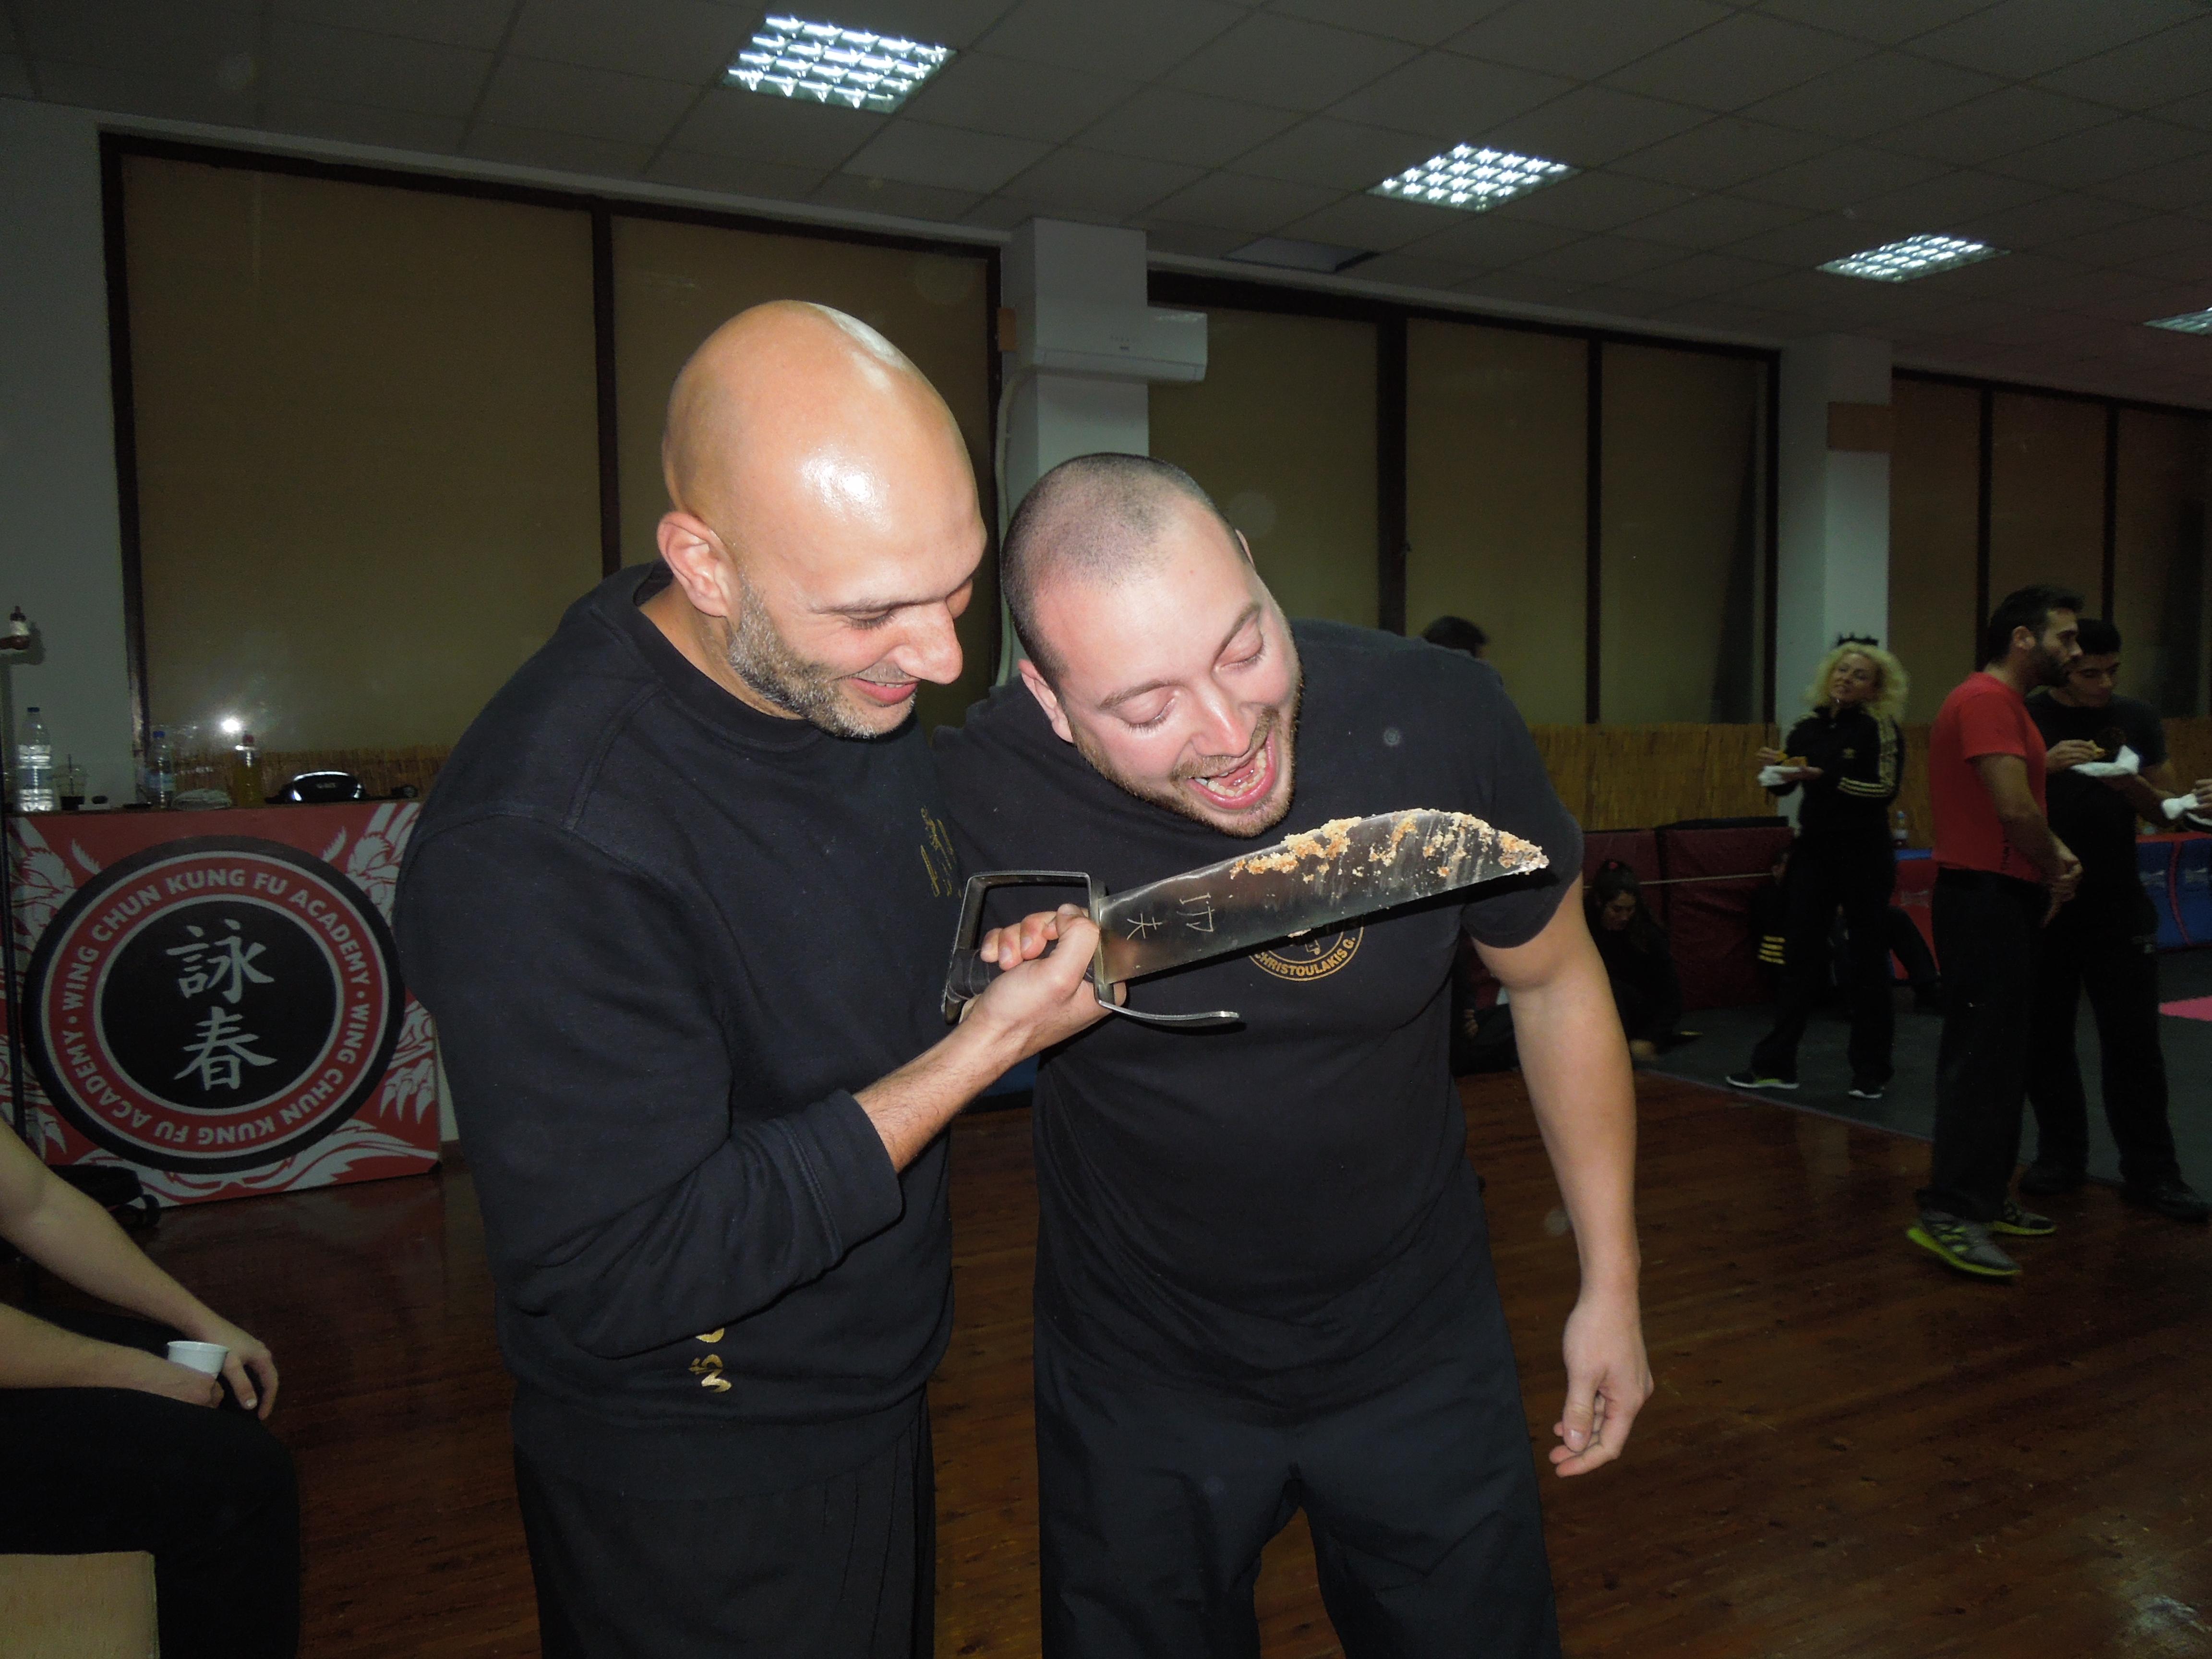 Wing Chun Family